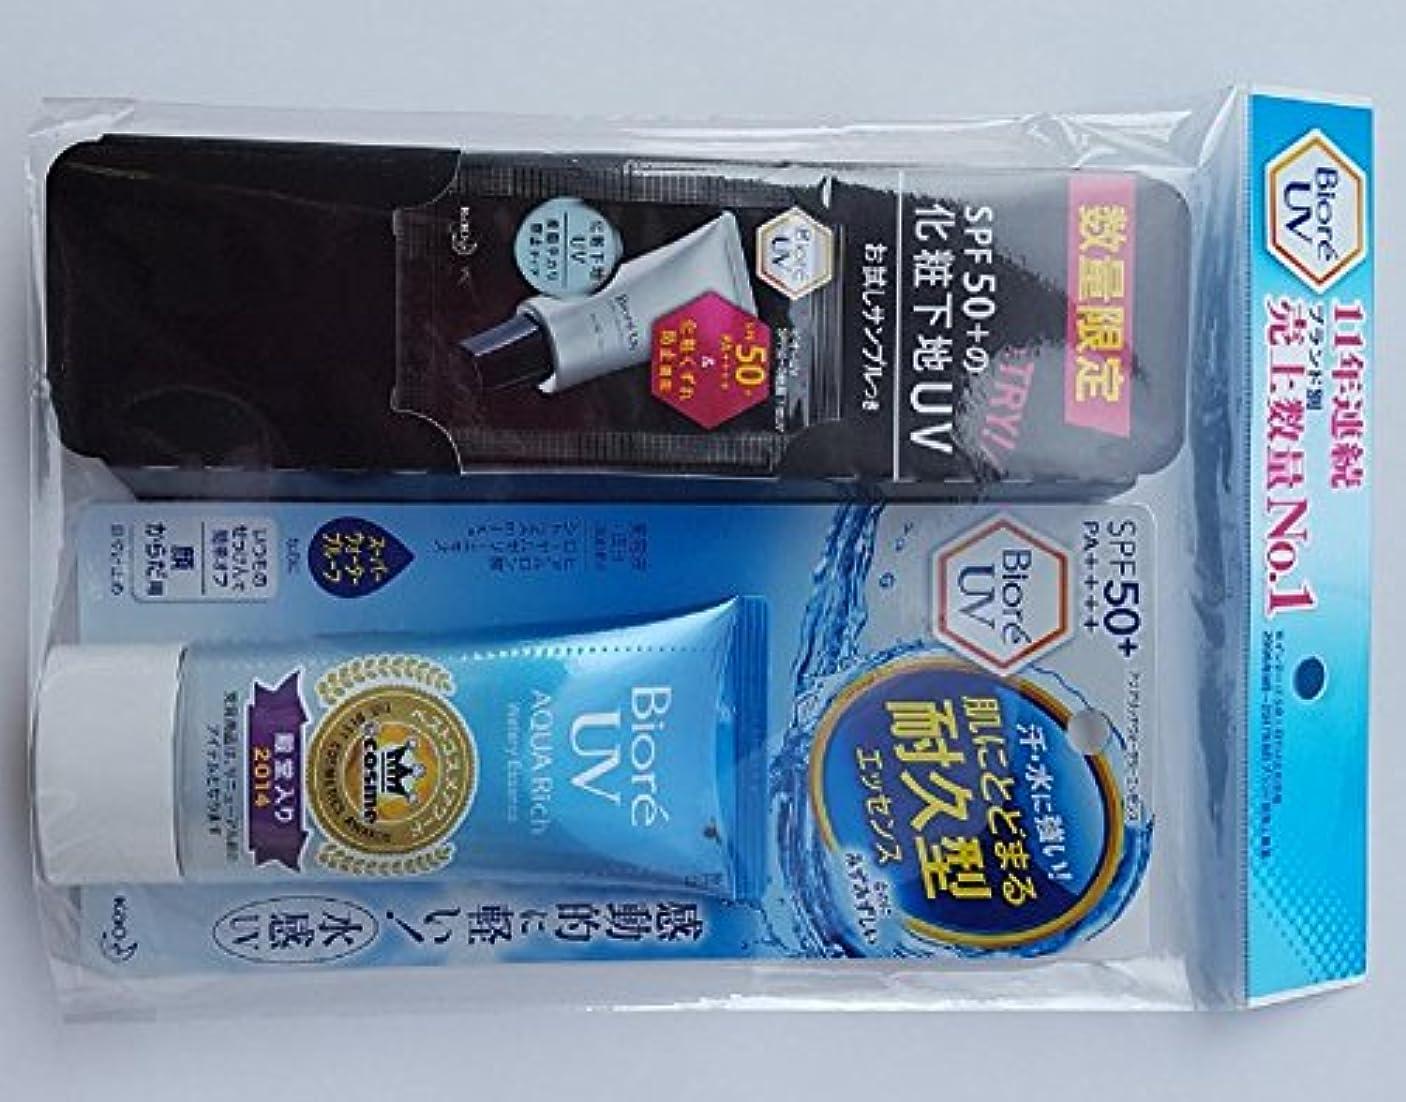 パスタぬるい可能性ビオレ UV アクアリッチ ウォータリーエッセンス SPF50+/PA++++ 50g +ビオレ UV 化粧下地UV 皮脂テカリ防止(試供品)1回分付き